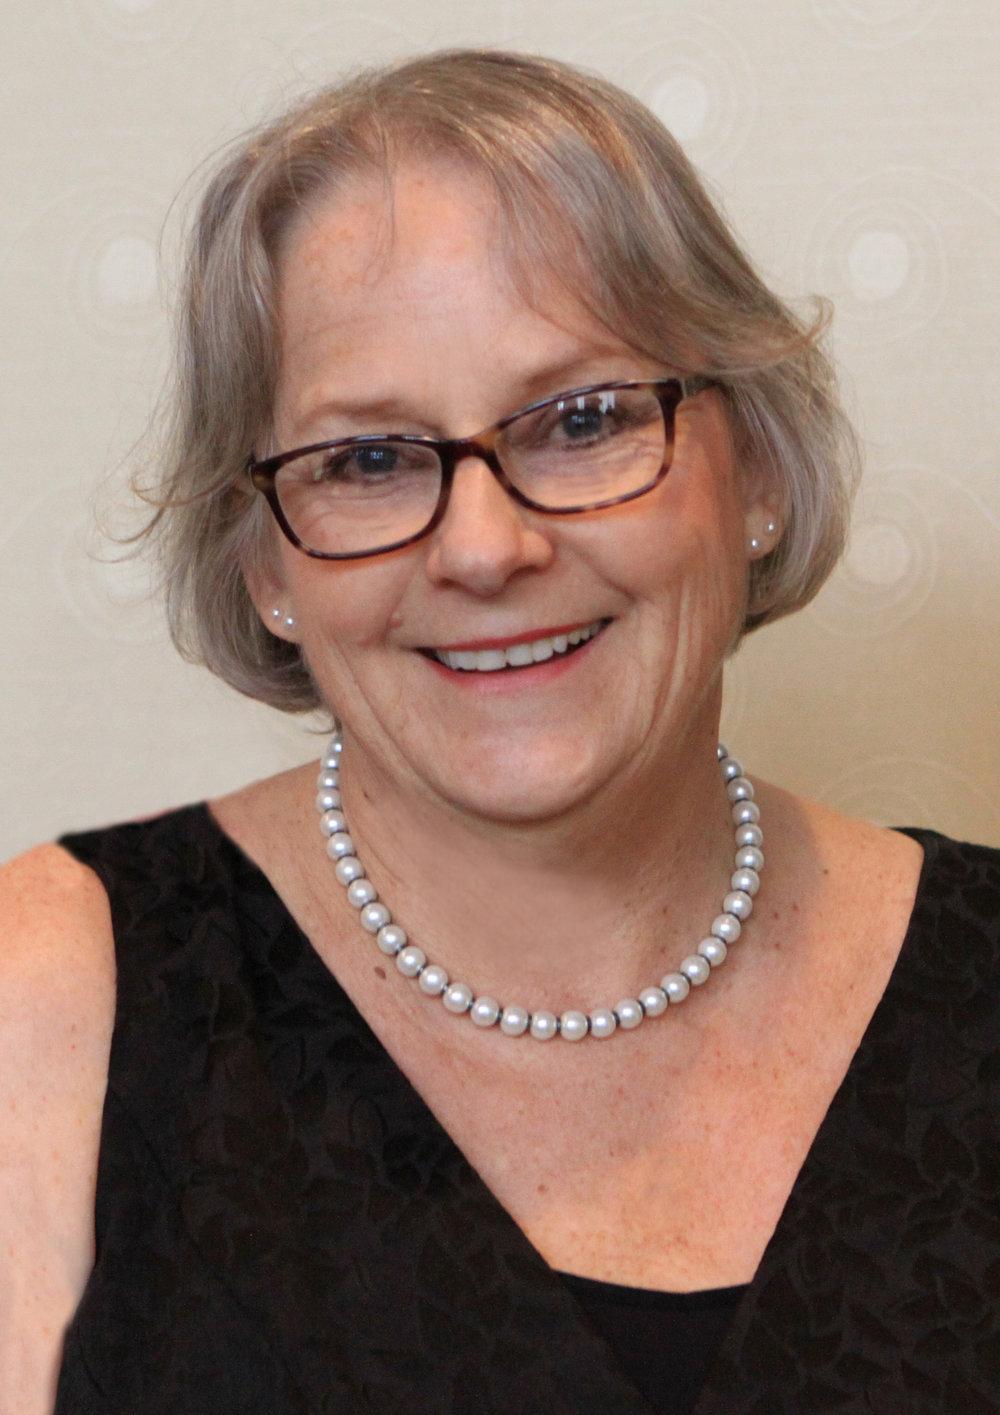 Patty Donahue Redding Principal